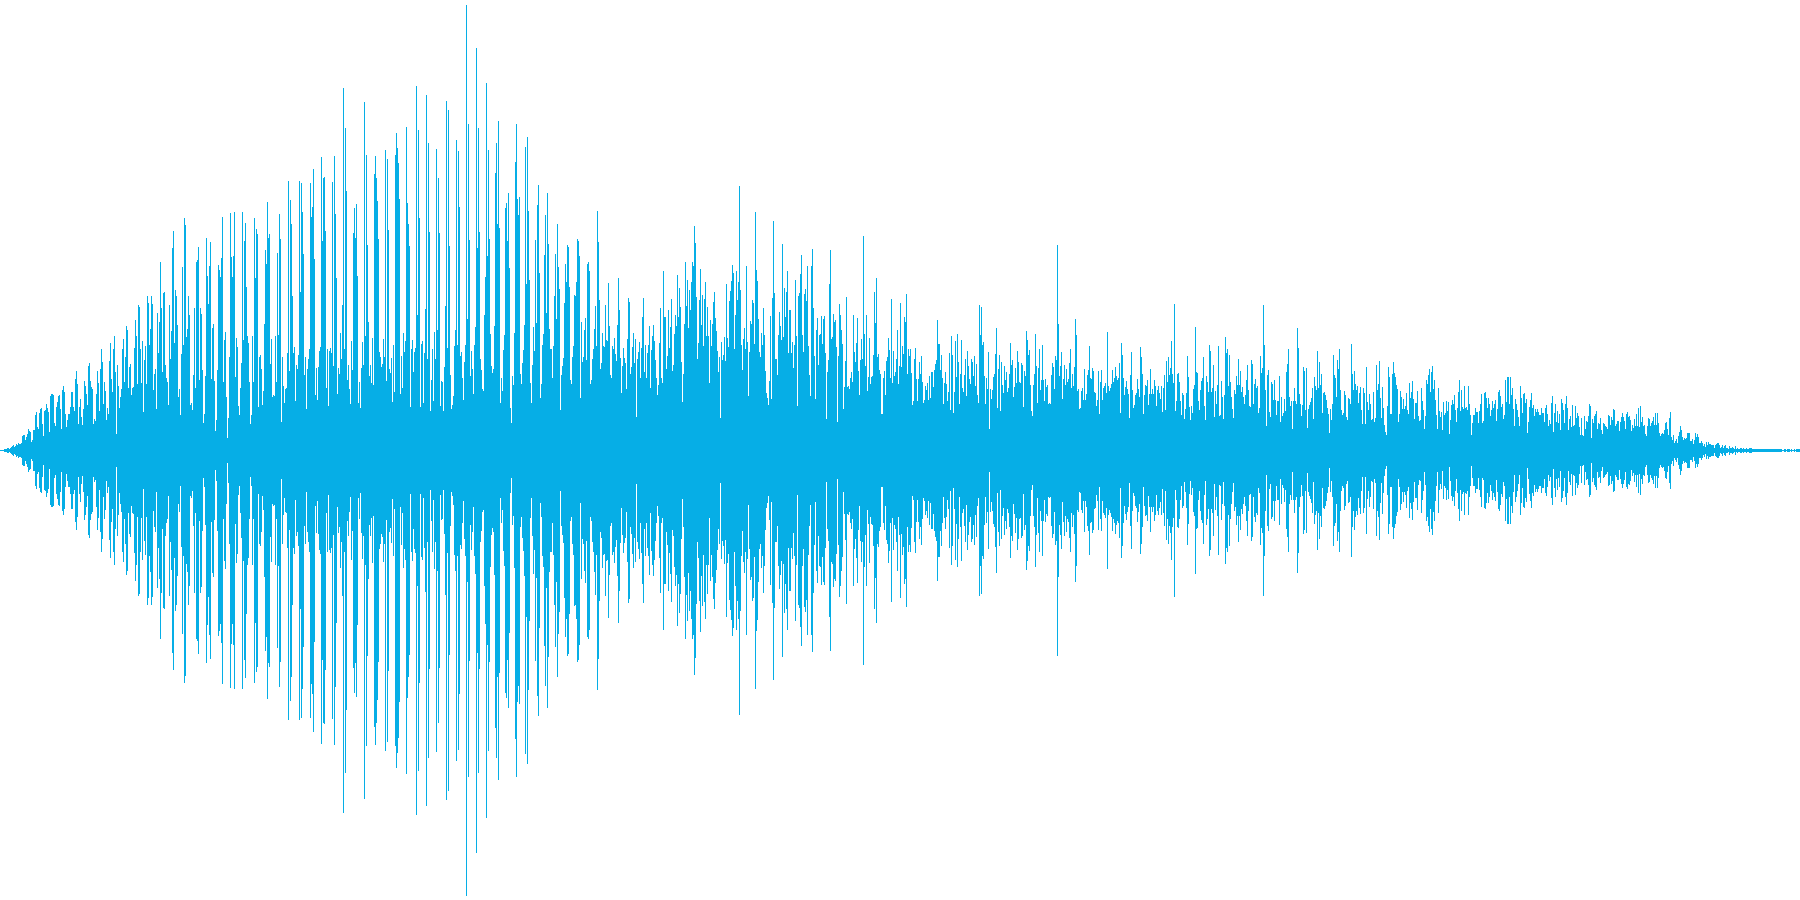 イエス!女の子の声の再生済みの波形